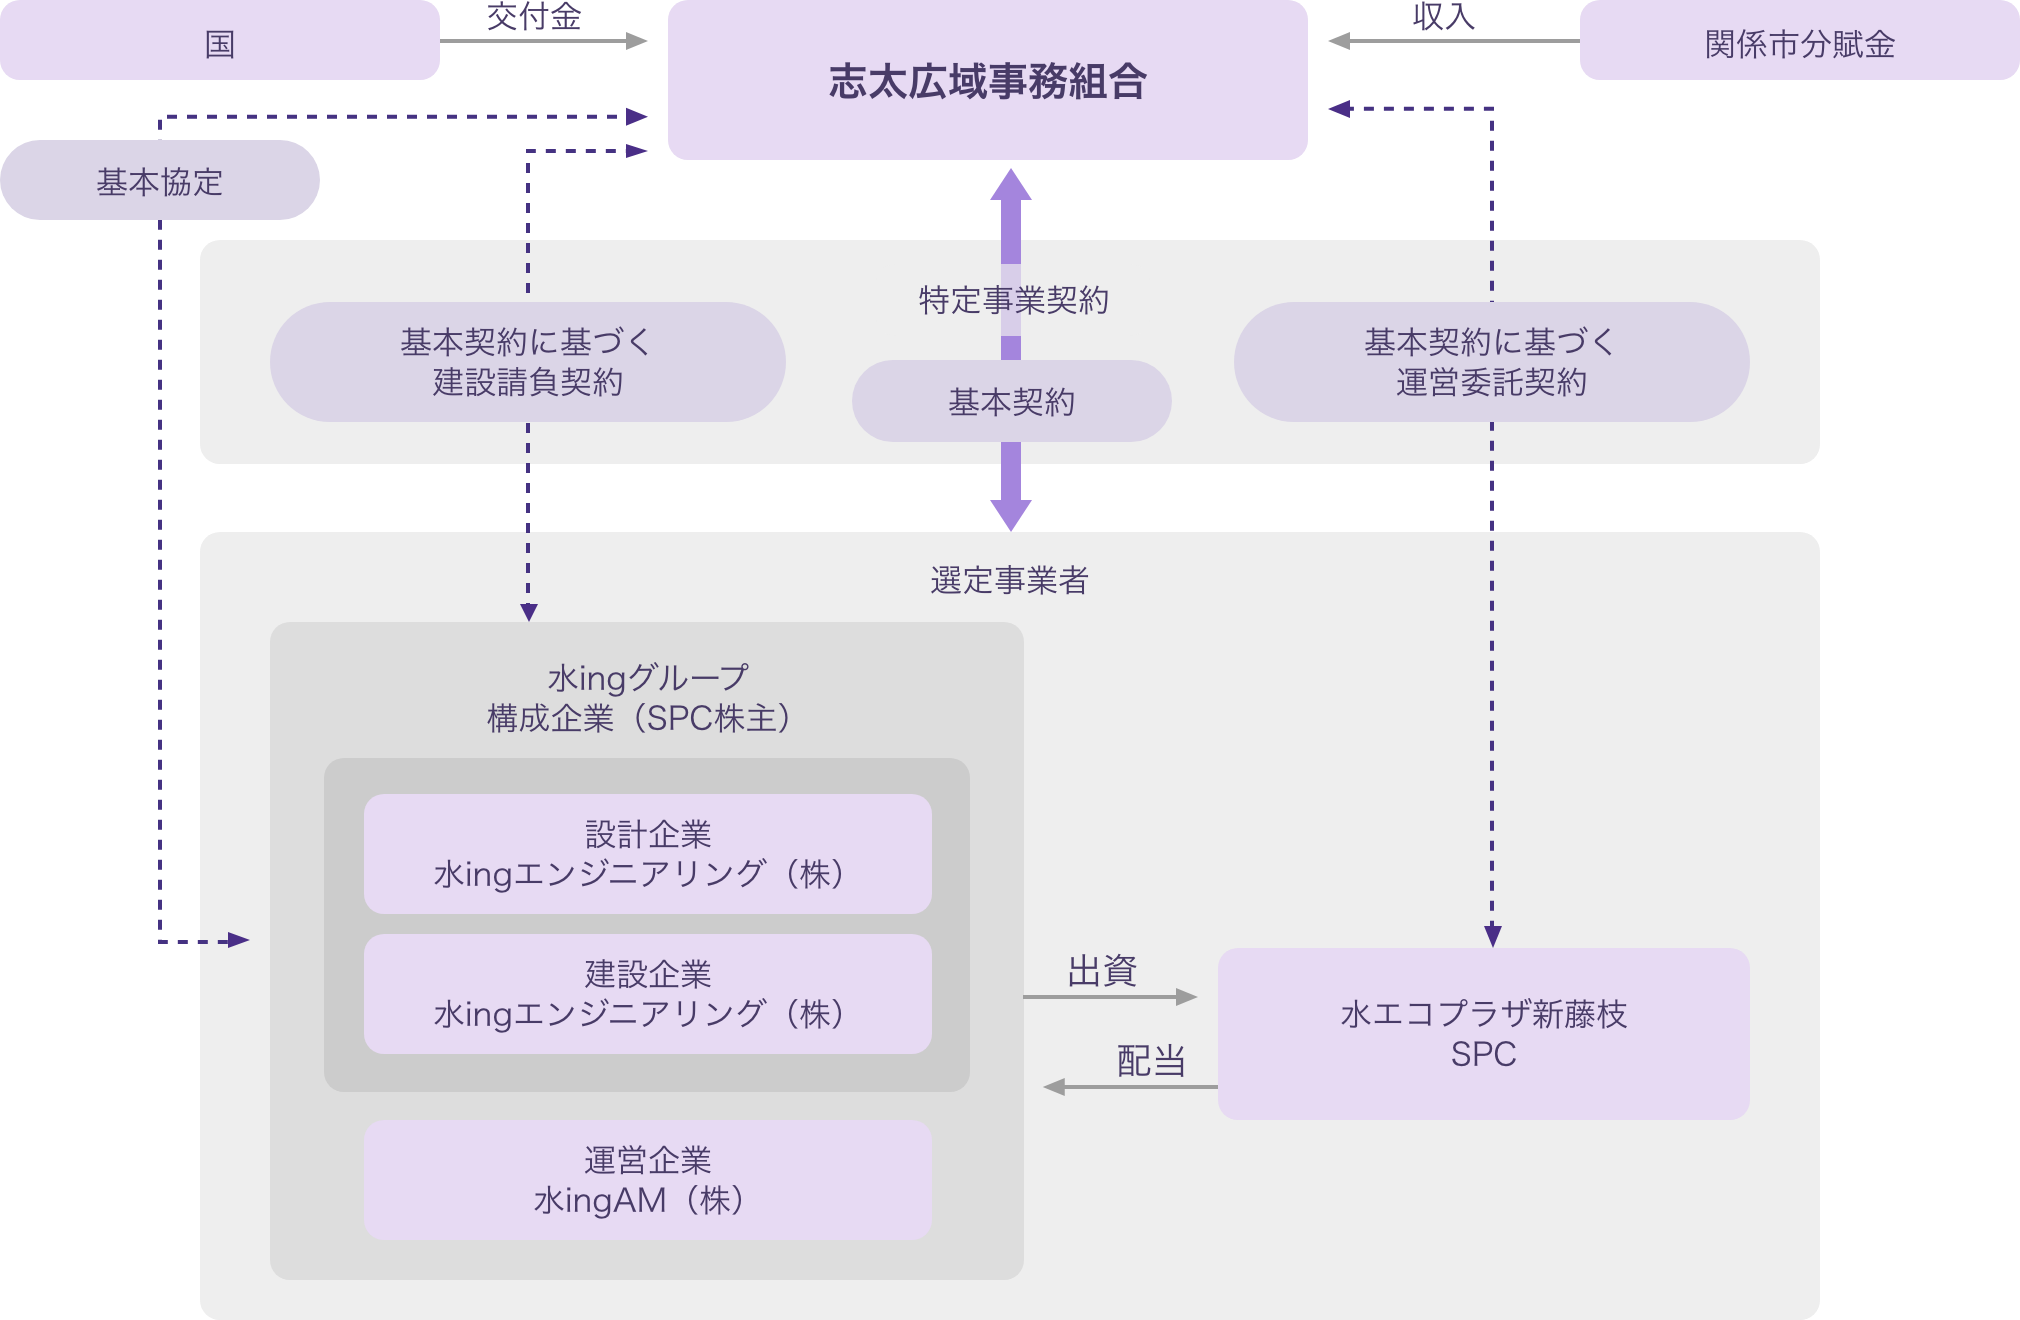 事業スキーム図